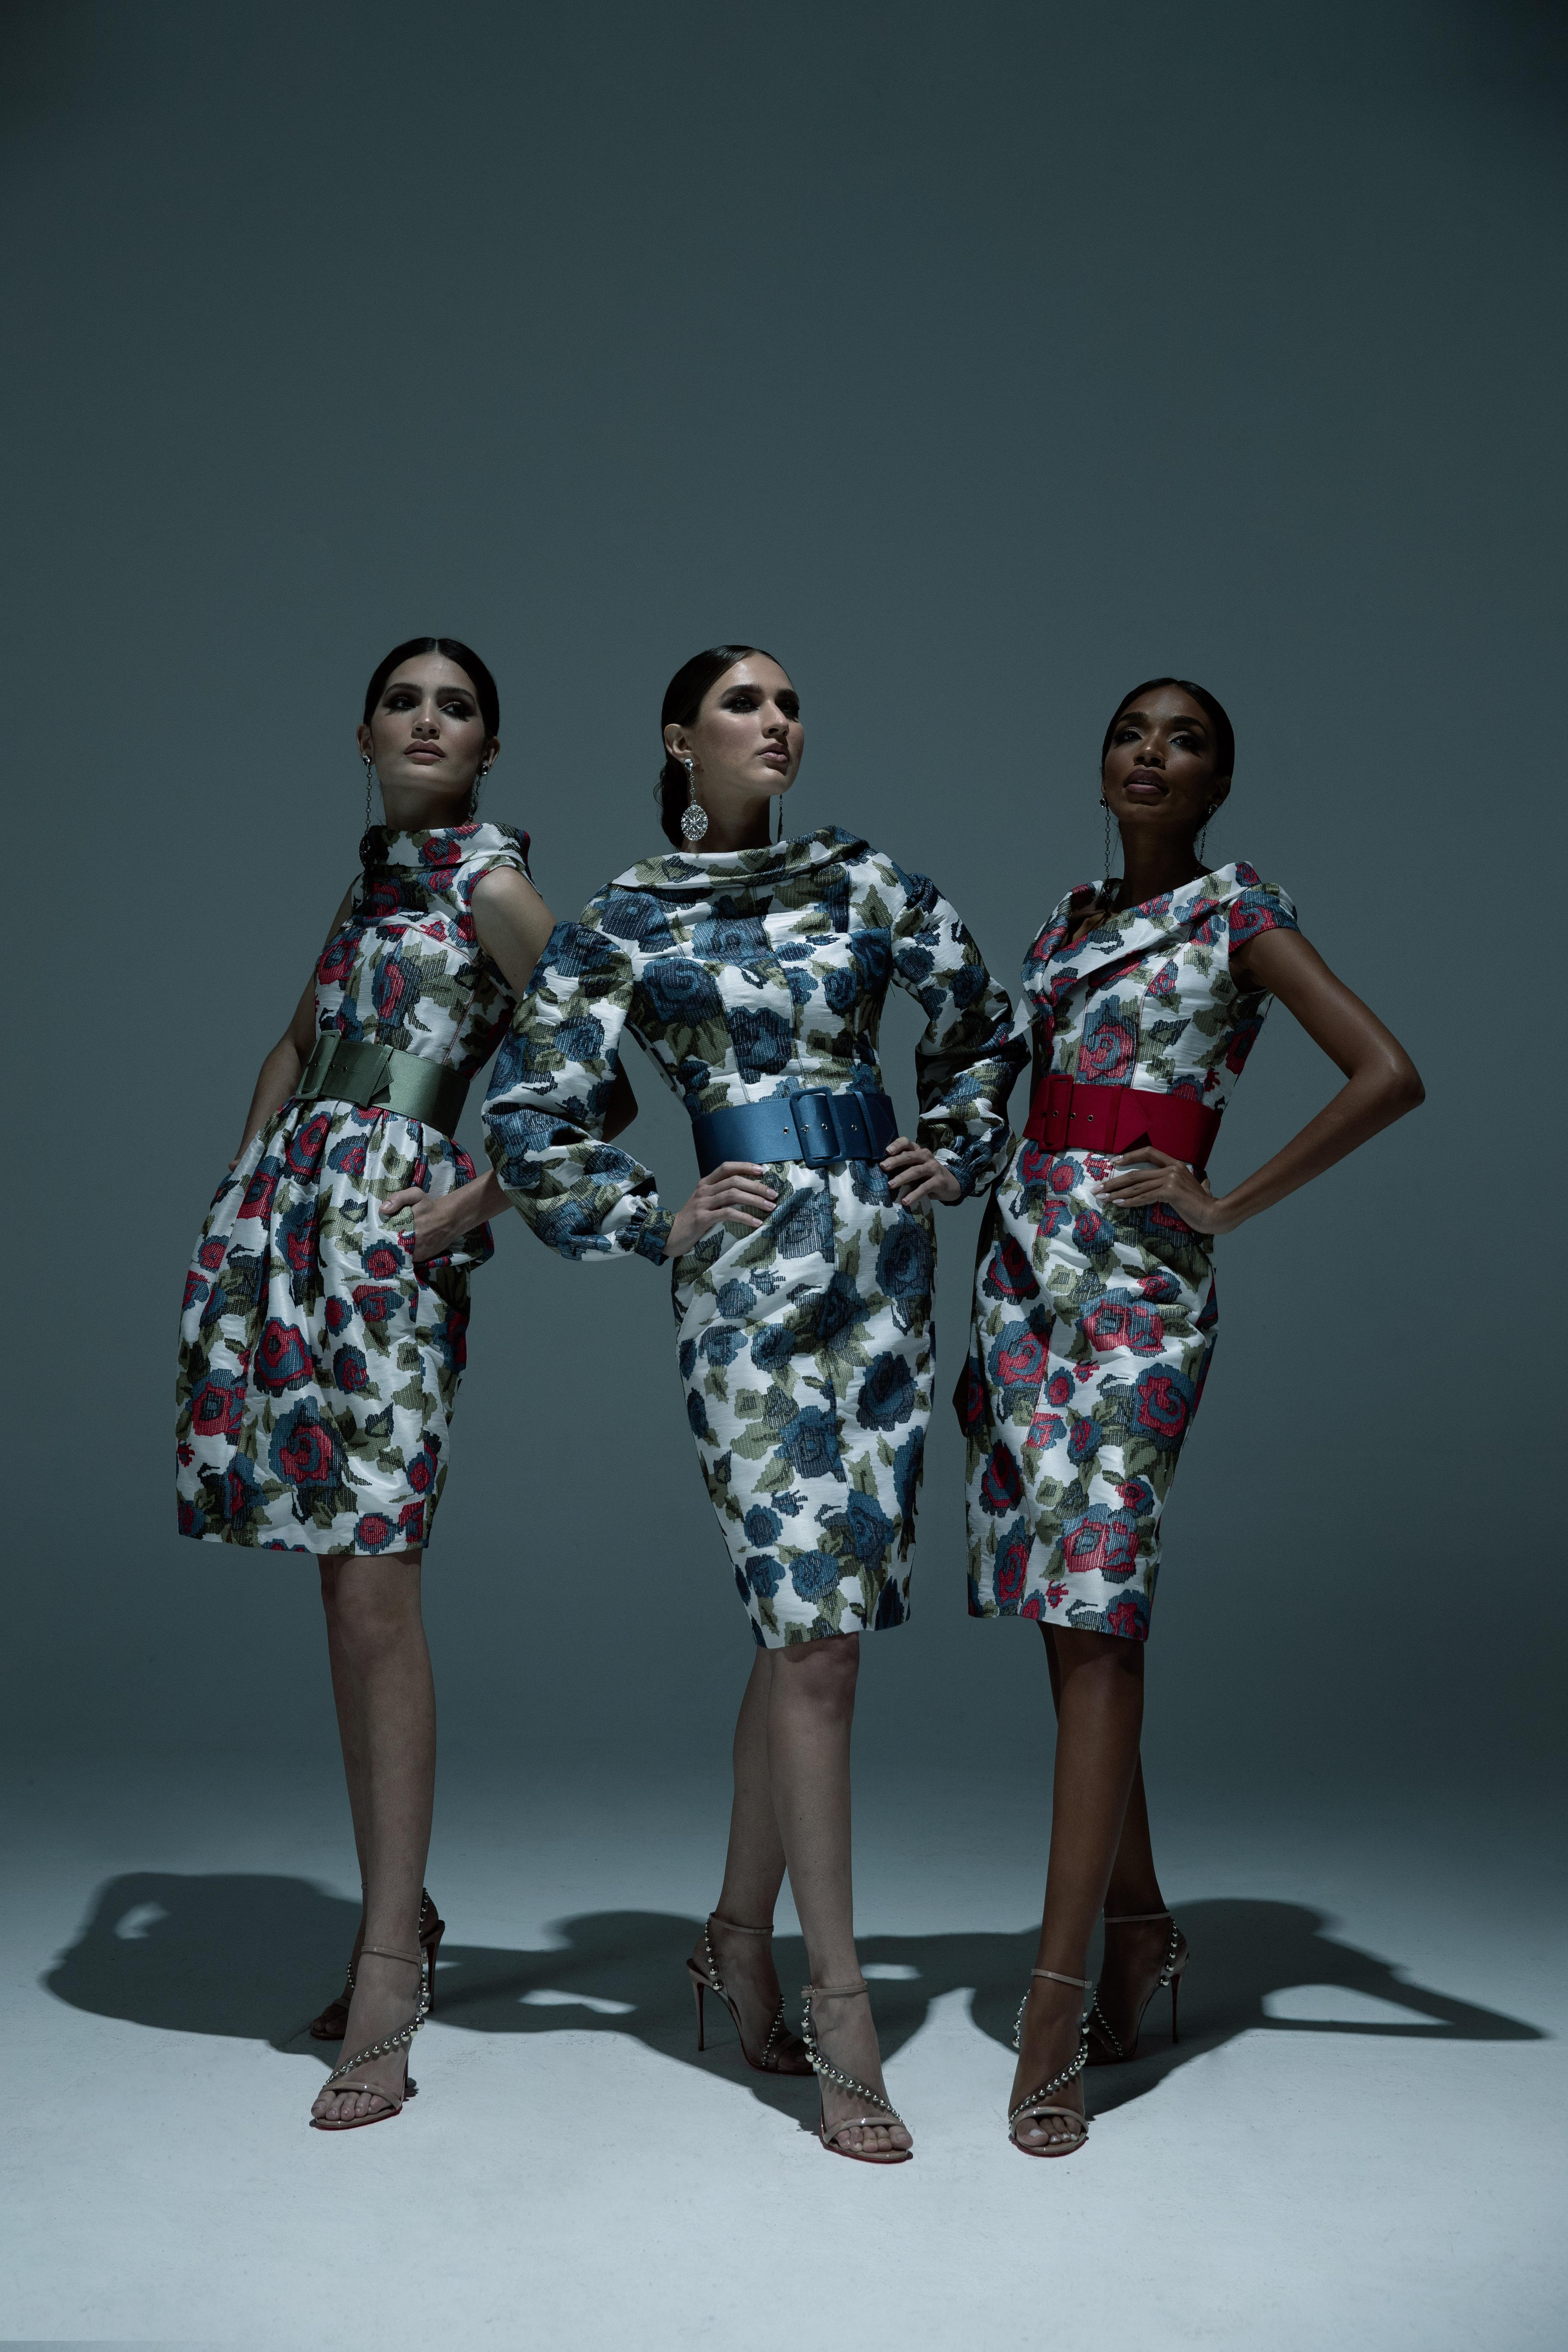 Las modelos Karla Santori, Ana Paola y Elijah Rodríguez, de Element Model & Talent Management protagonizaron esta sesión fotográfica. (Foto: Giovan Cordero)